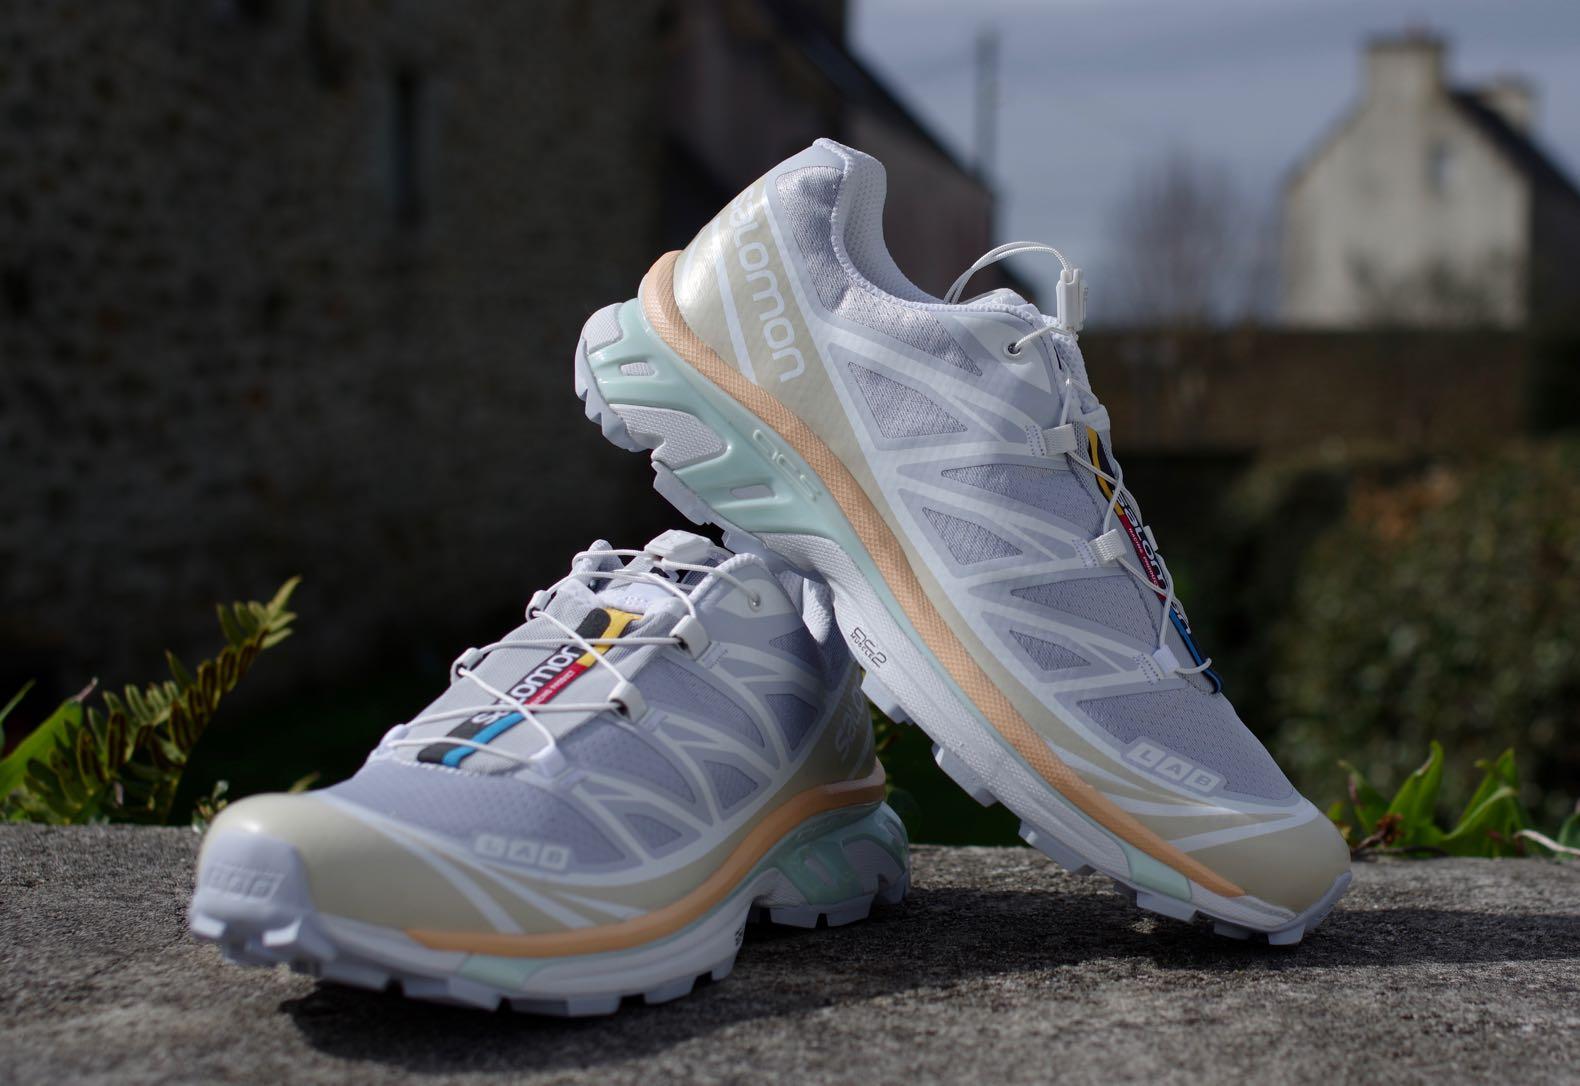 sneakers salomon advanced blanche en goretex xt-6